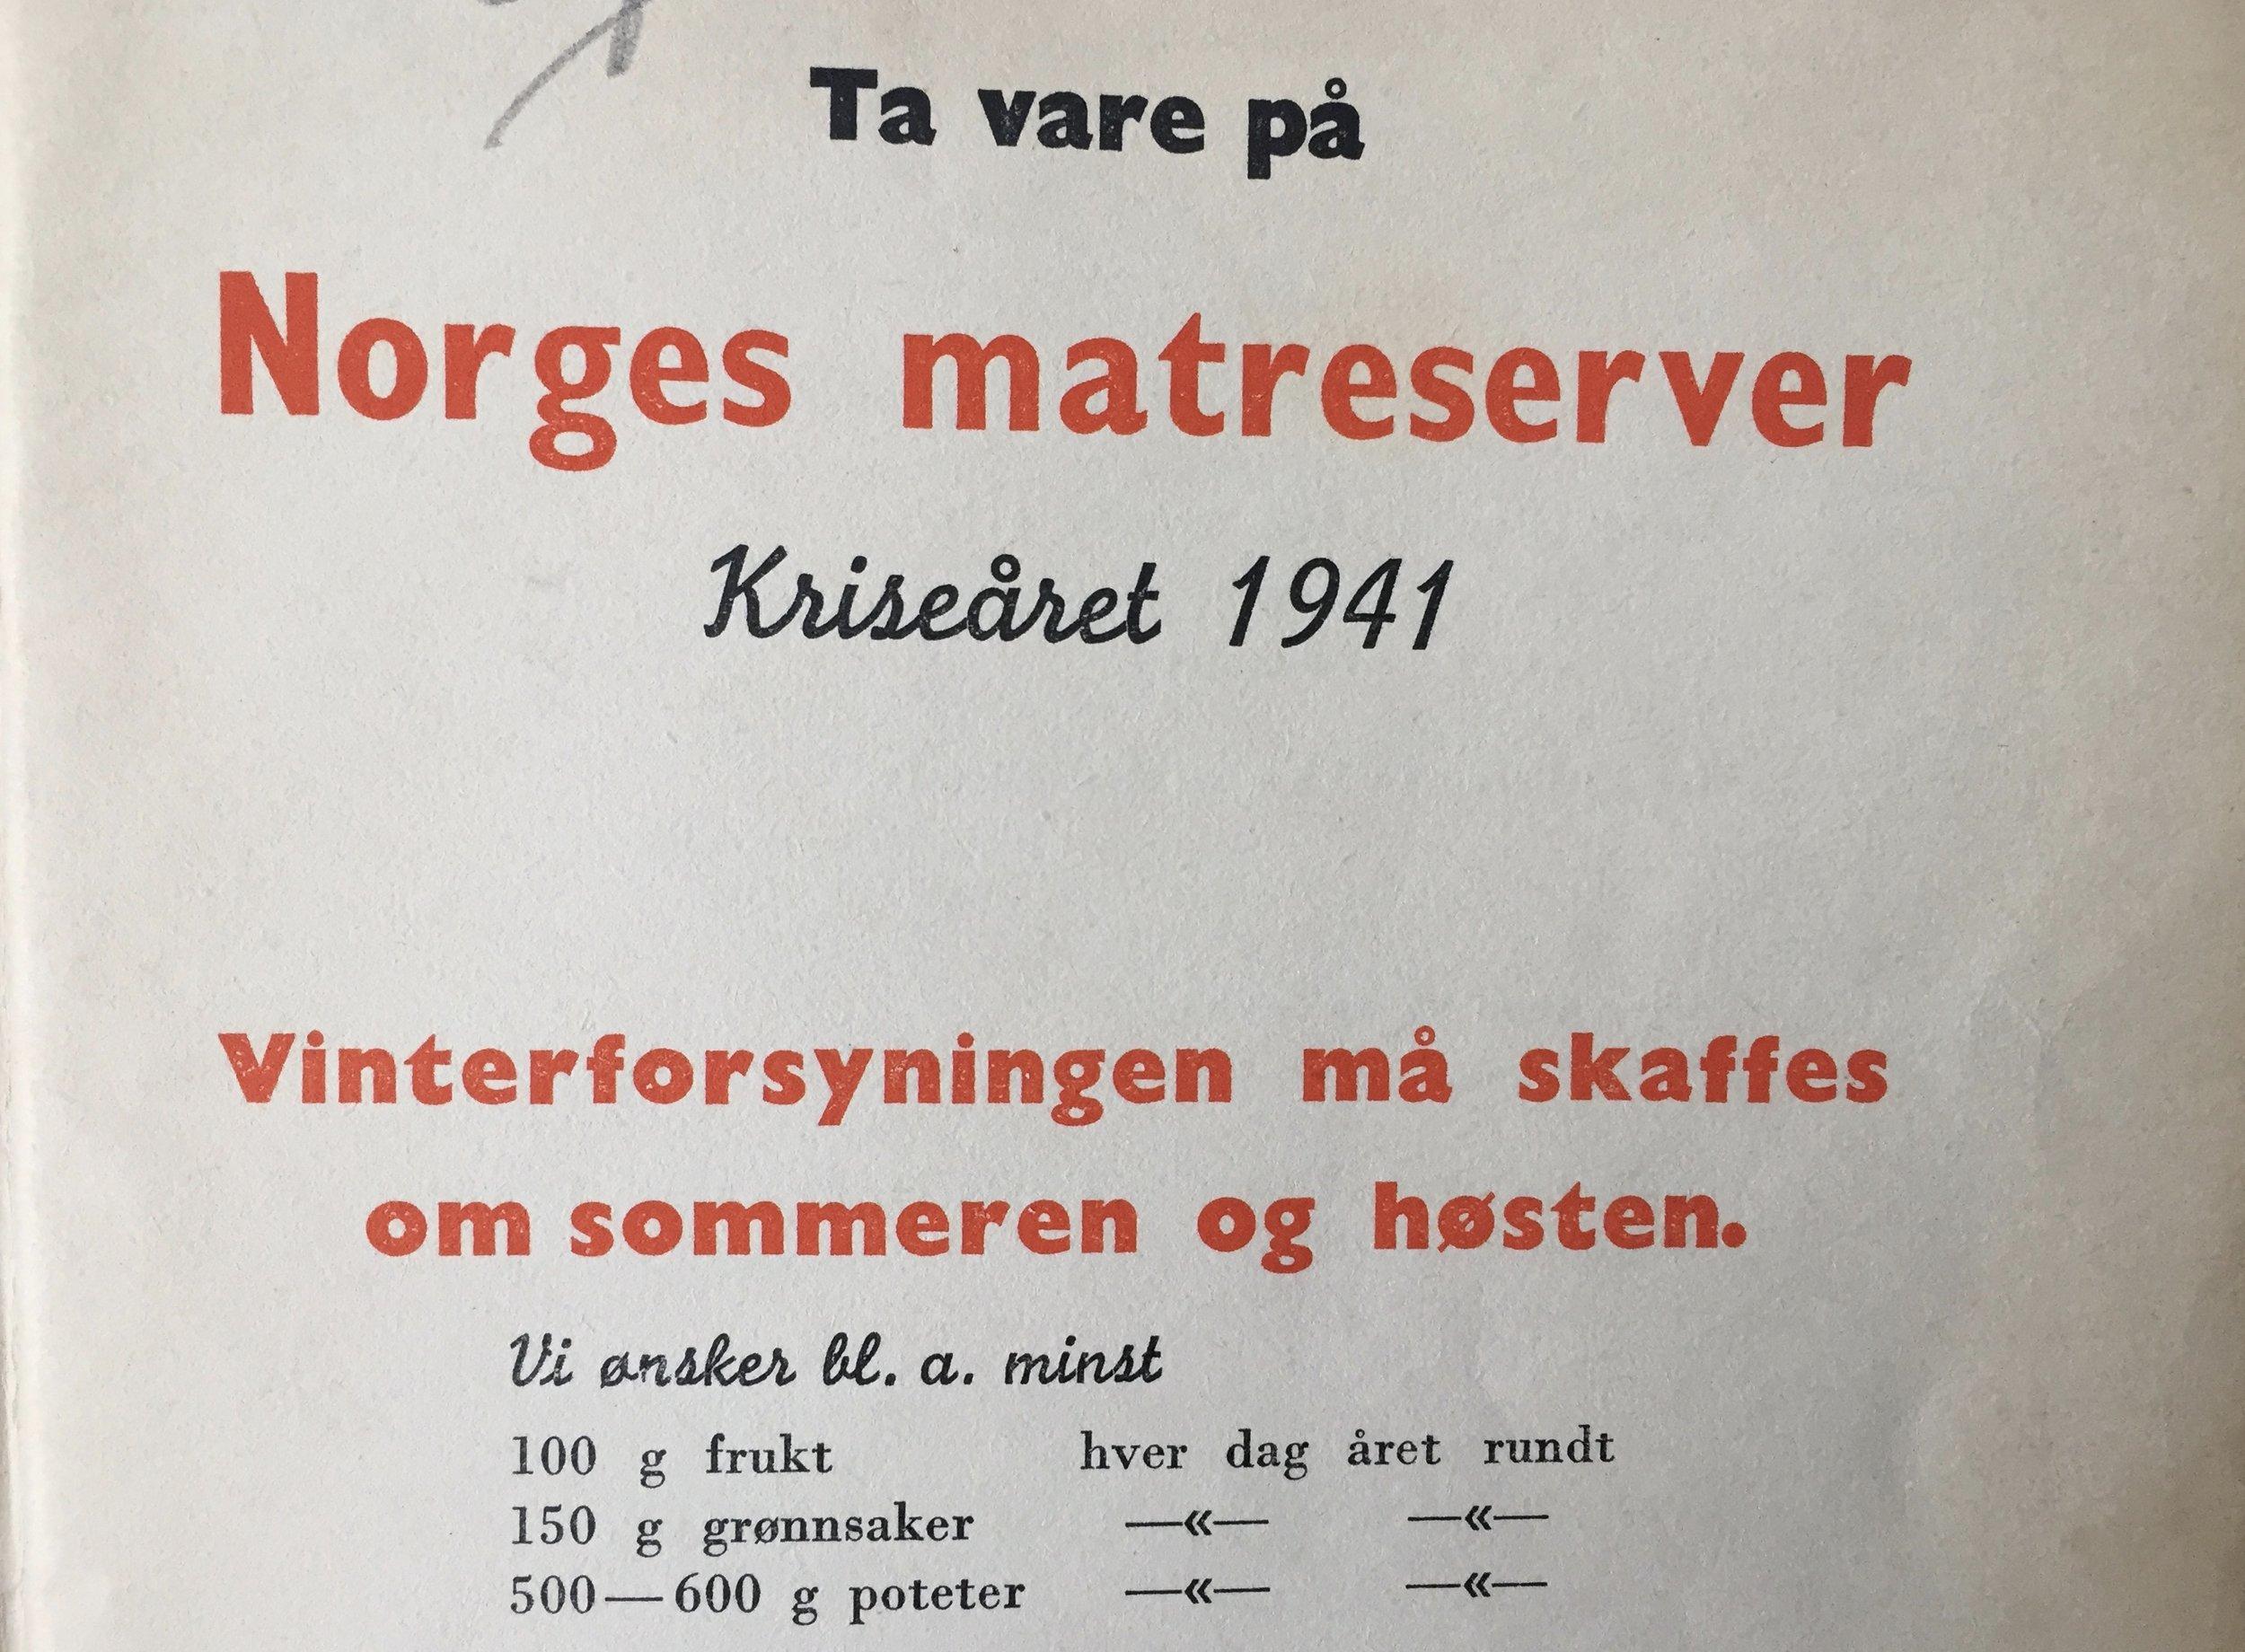 De kalte en spade for en spade. Kriseåret 1941